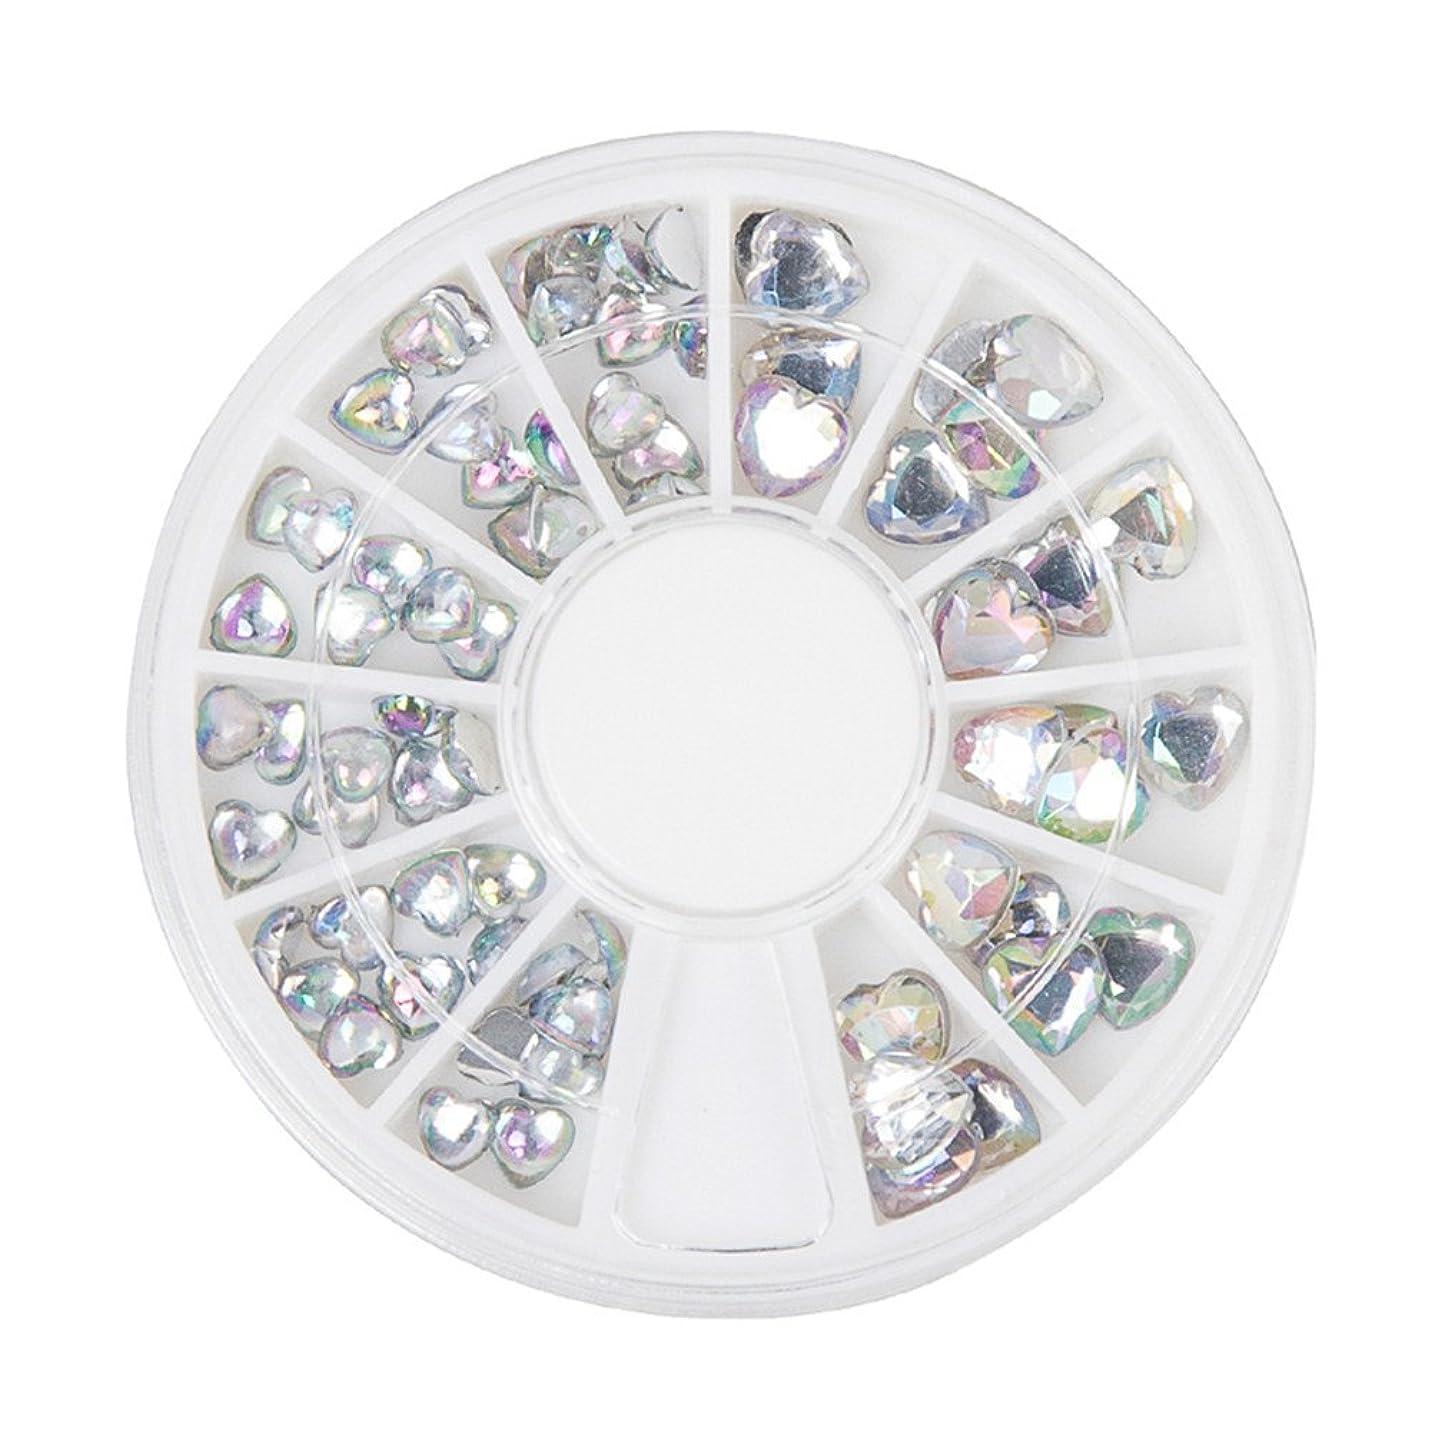 混沌シャー失礼ジェルネイル ラインストーン アートパーツ パール ハート ダイヤモンド 22種類選択可